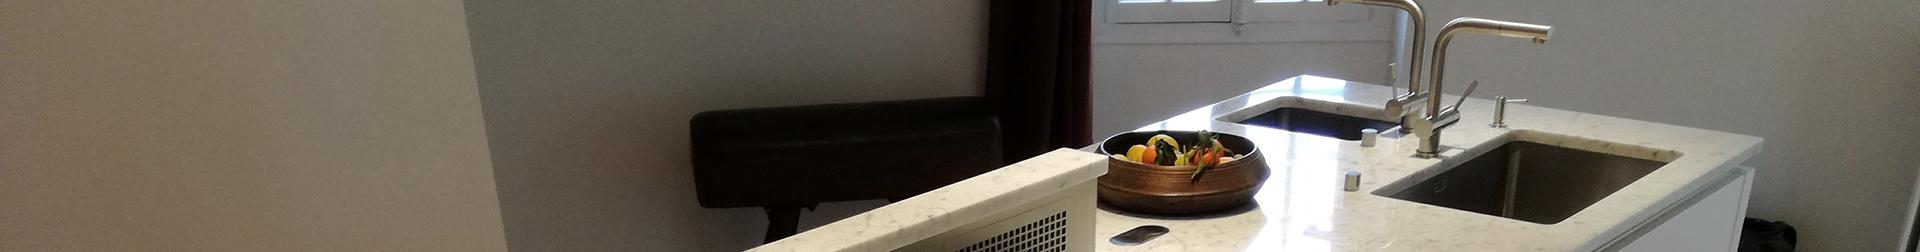 Éléments architecturaux Bordeaux, Éléments architecturaux Gironde, Éléments architecturaux Tresses, Granit Bordeaux, Granit Gironde, Granit Tresses, Marbre Bordeaux, Marbre Gironde, Marbre Tresses, Pierre Bordeaux, Pierre Gironde, Pierre Tresses, Plan de travail cuisine Bordeaux, Plan de travail cuisine Gironde, Plan de travail cuisine Tresses